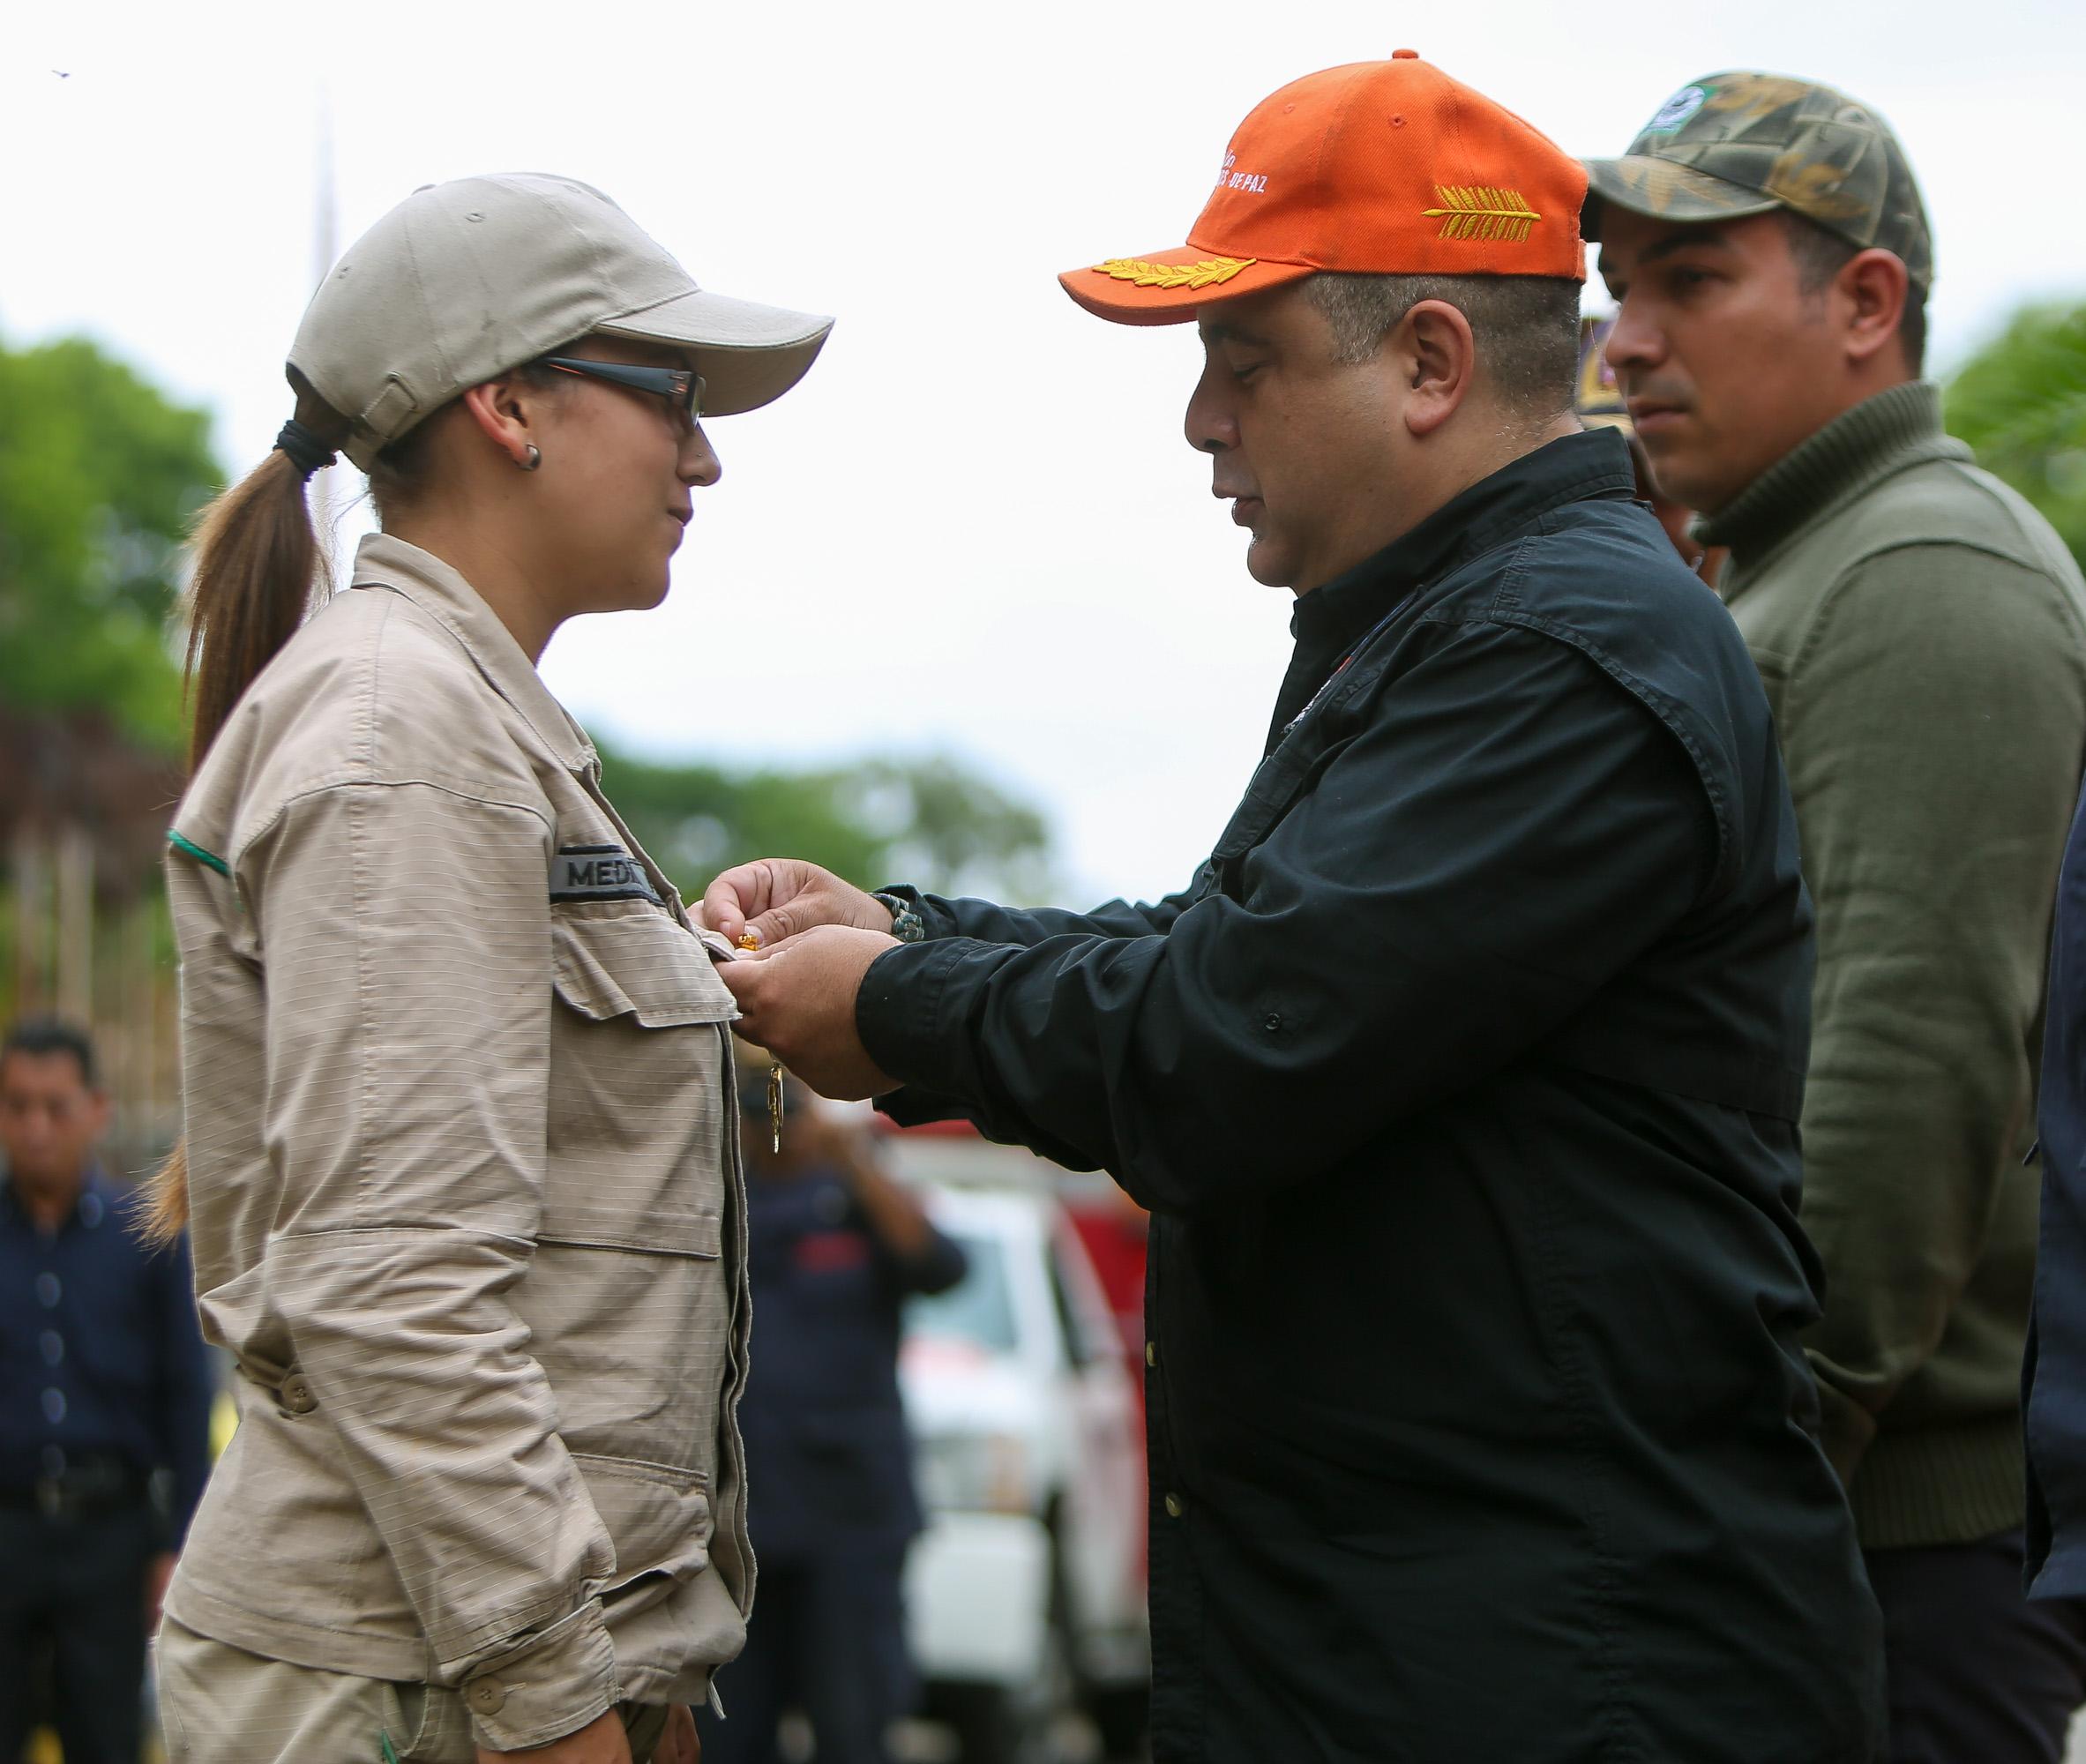 Condecorados héroes forestales por su valentía y coraje en el resguardo de las áreas naturales (10)